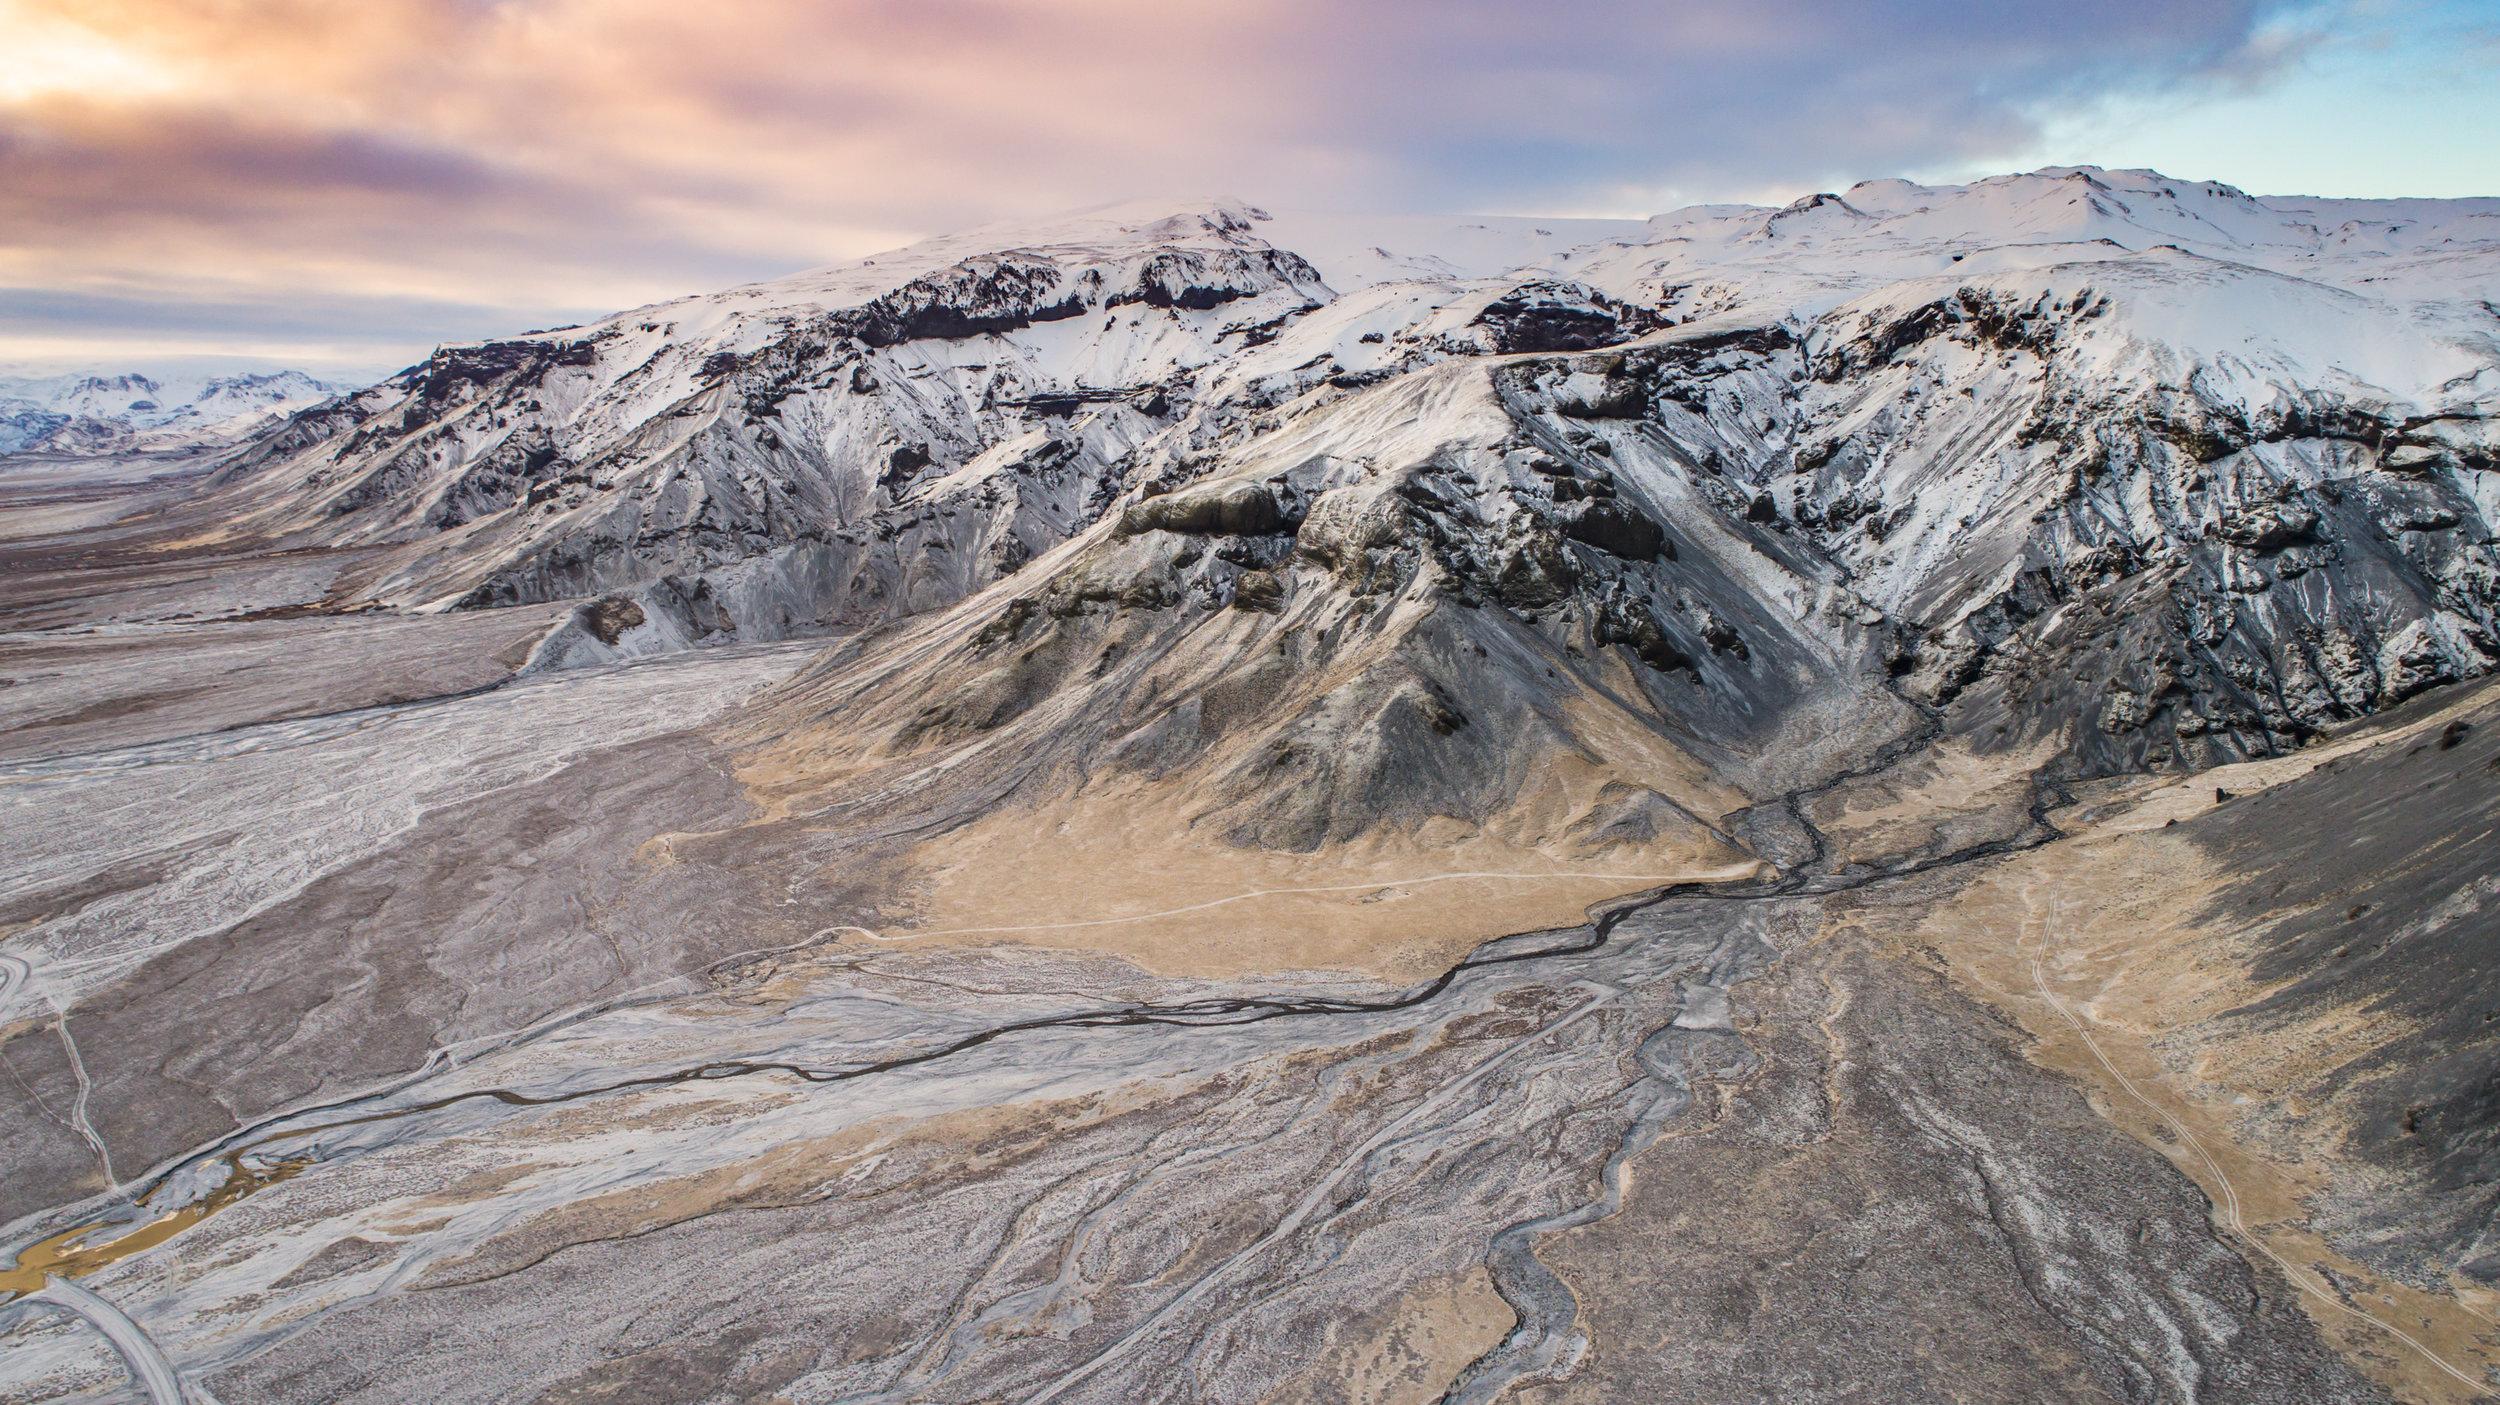 1704-ICELAND_DJI_0921-2.jpg